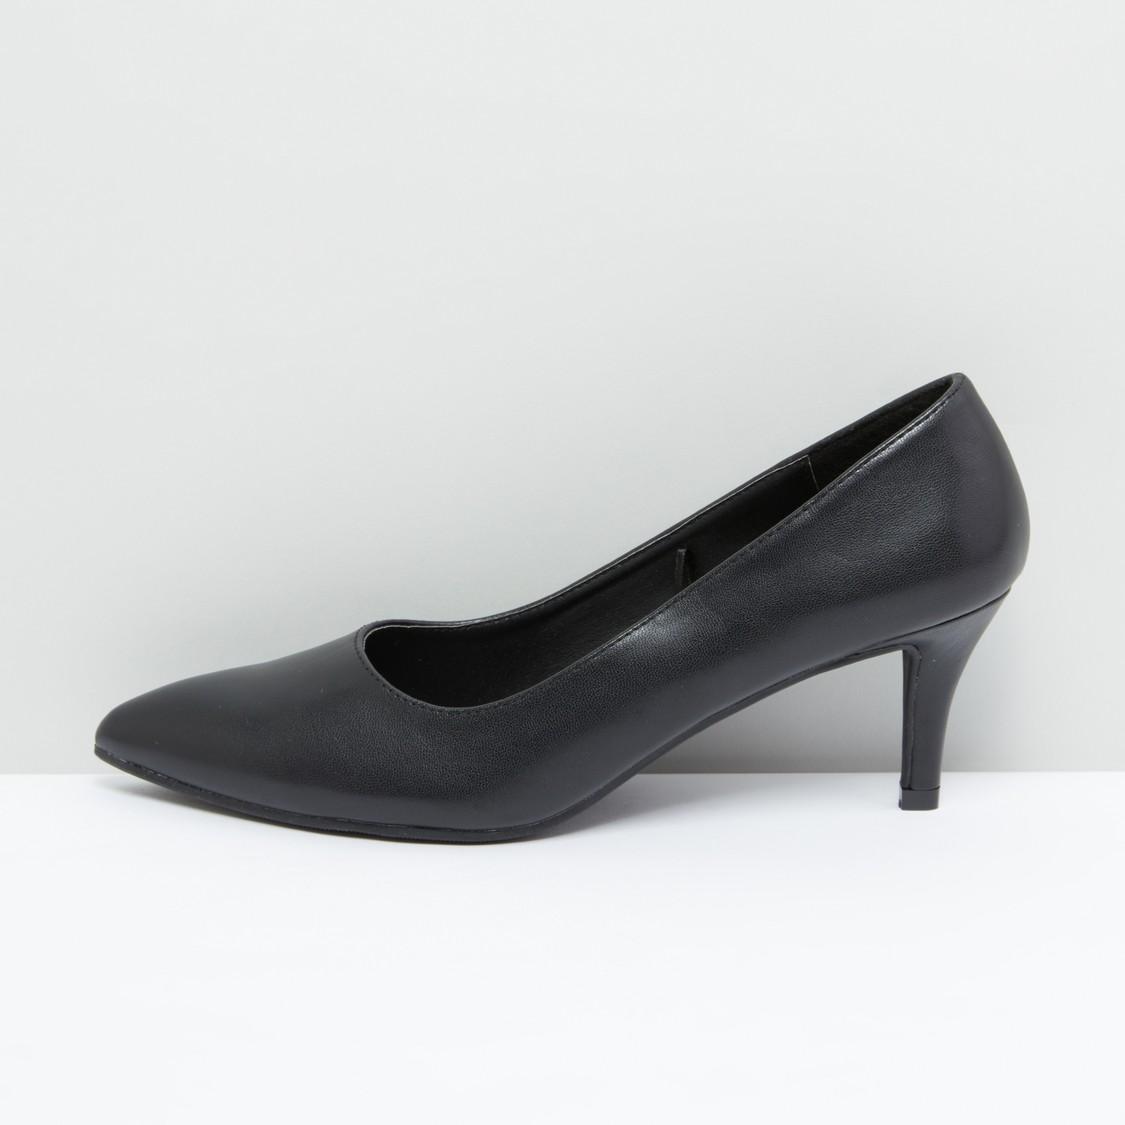 حذاء ستيليتو بارز الملمس بكعب متوسط الارتفاع